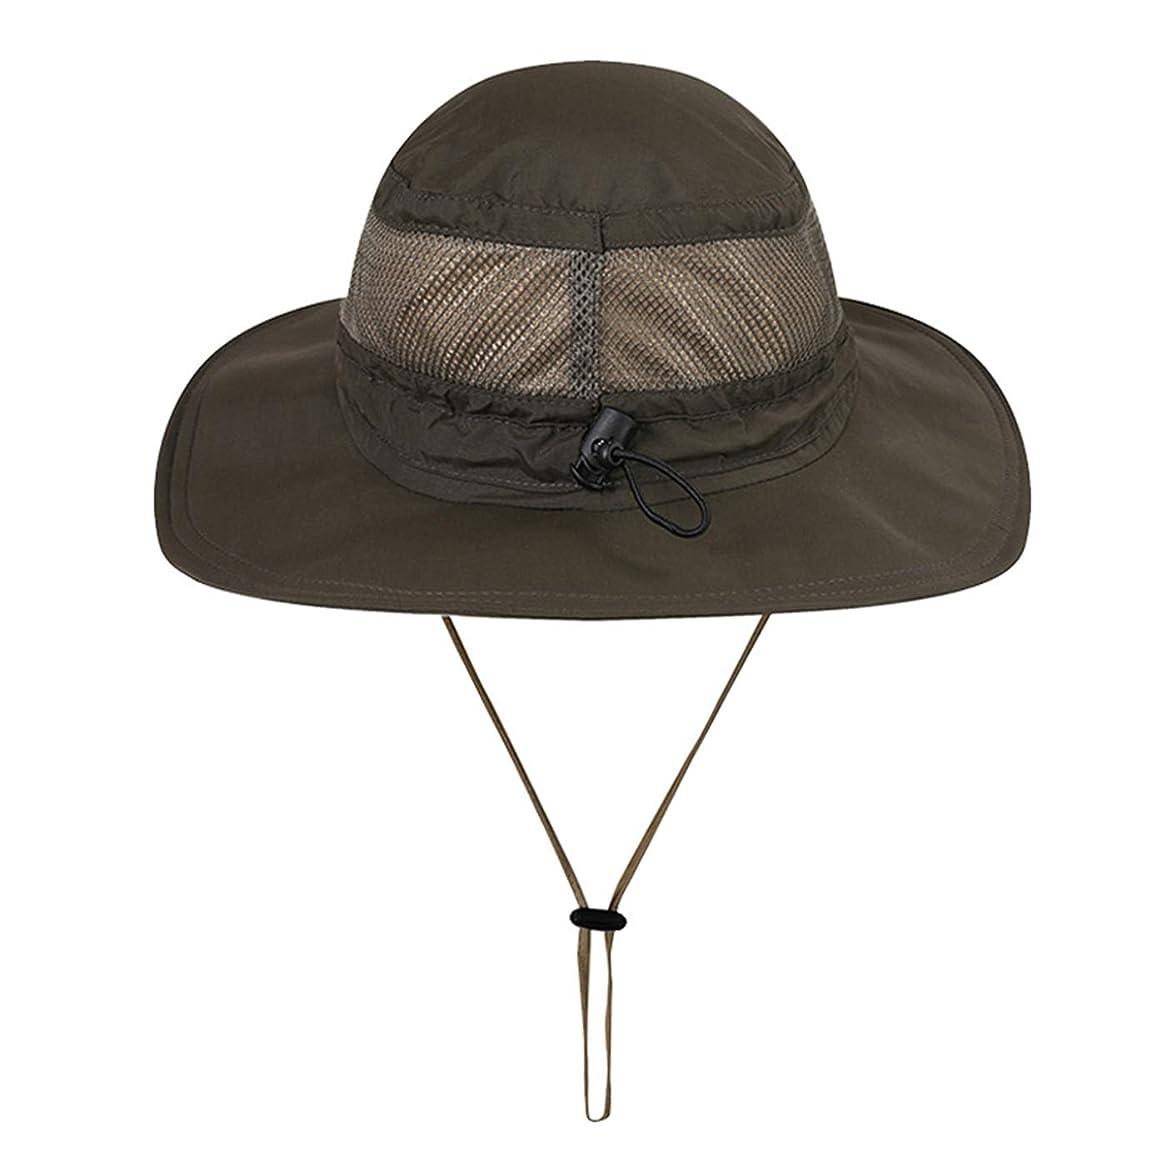 サワータップ無駄Gisdanchz 日焼け防止つば広バケットハット ハイキング 釣り キャンプなどに